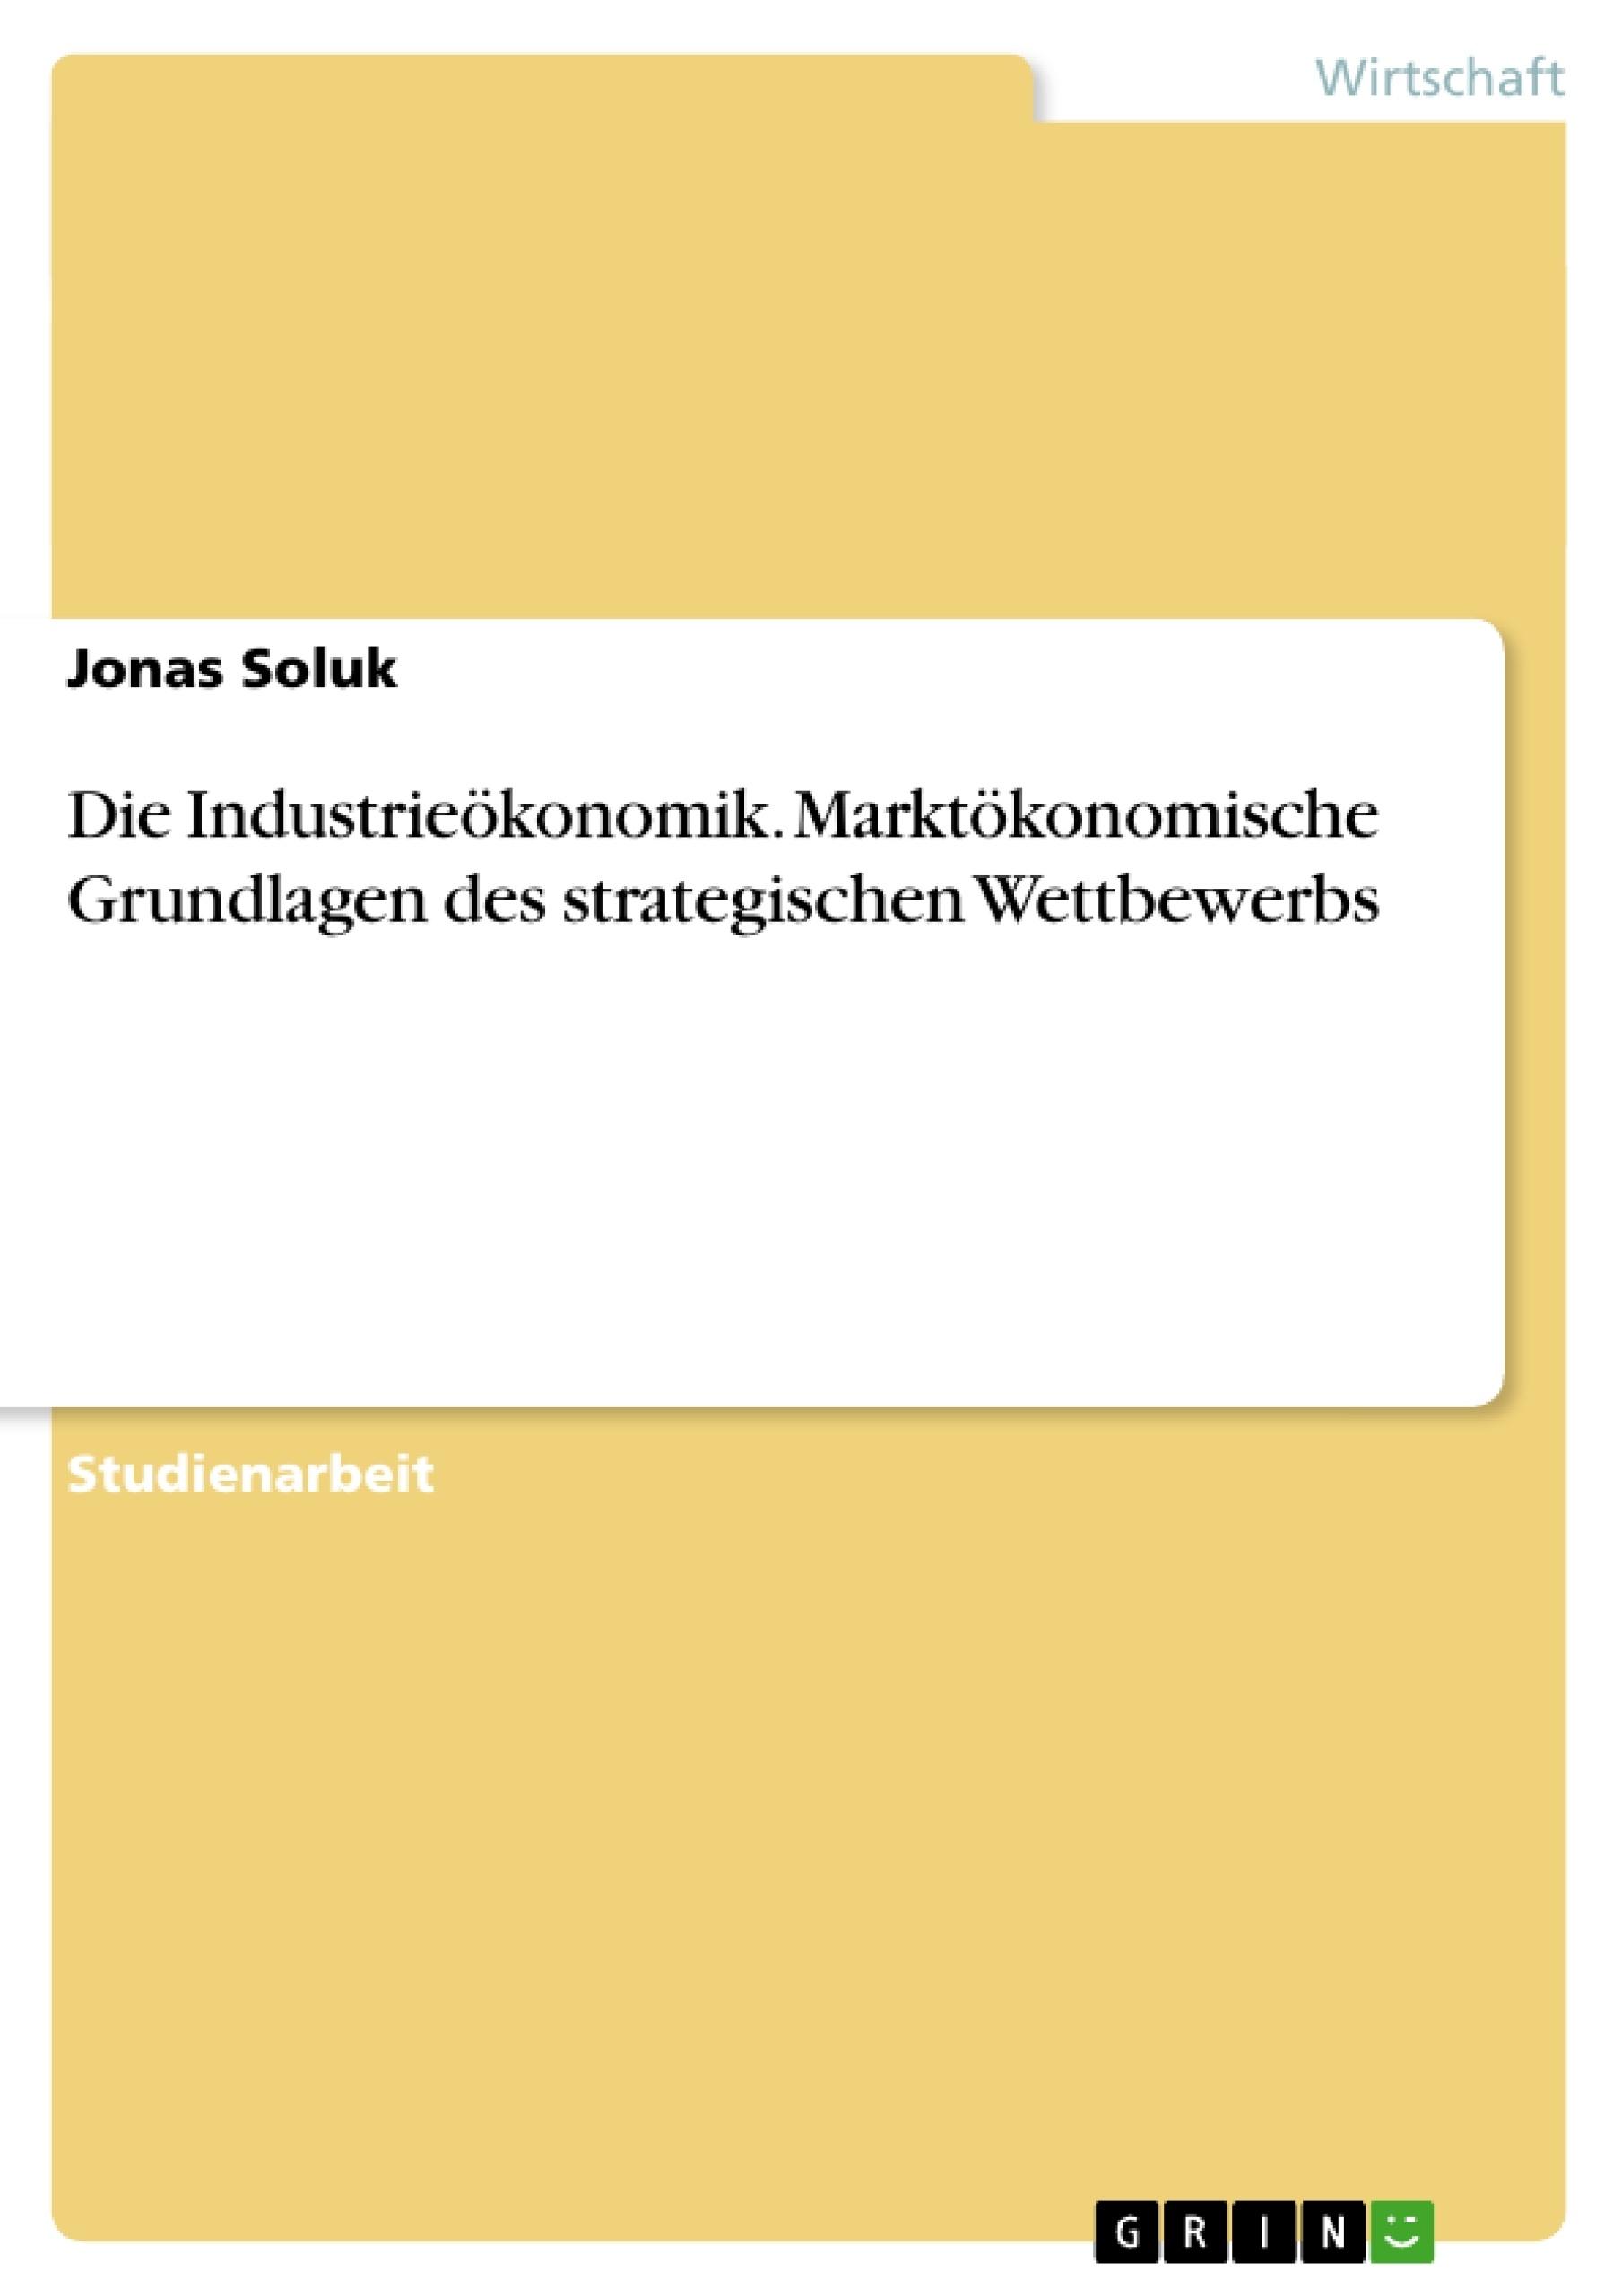 Titel: Die Industrieökonomik. Marktökonomische Grundlagen des strategischen Wettbewerbs